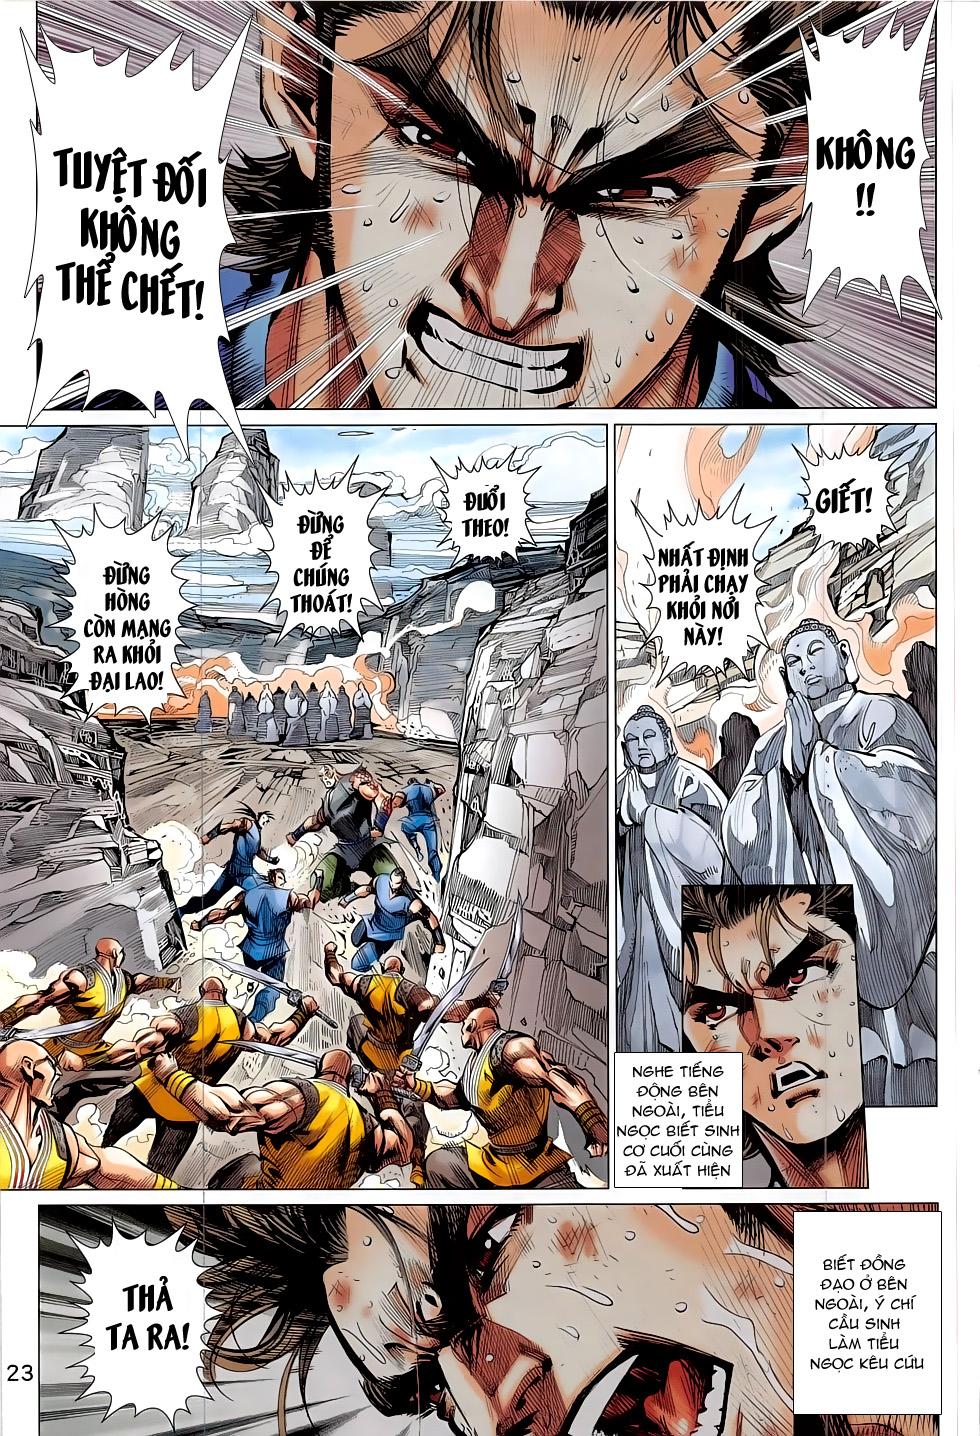 Thần Chưởng trang 23